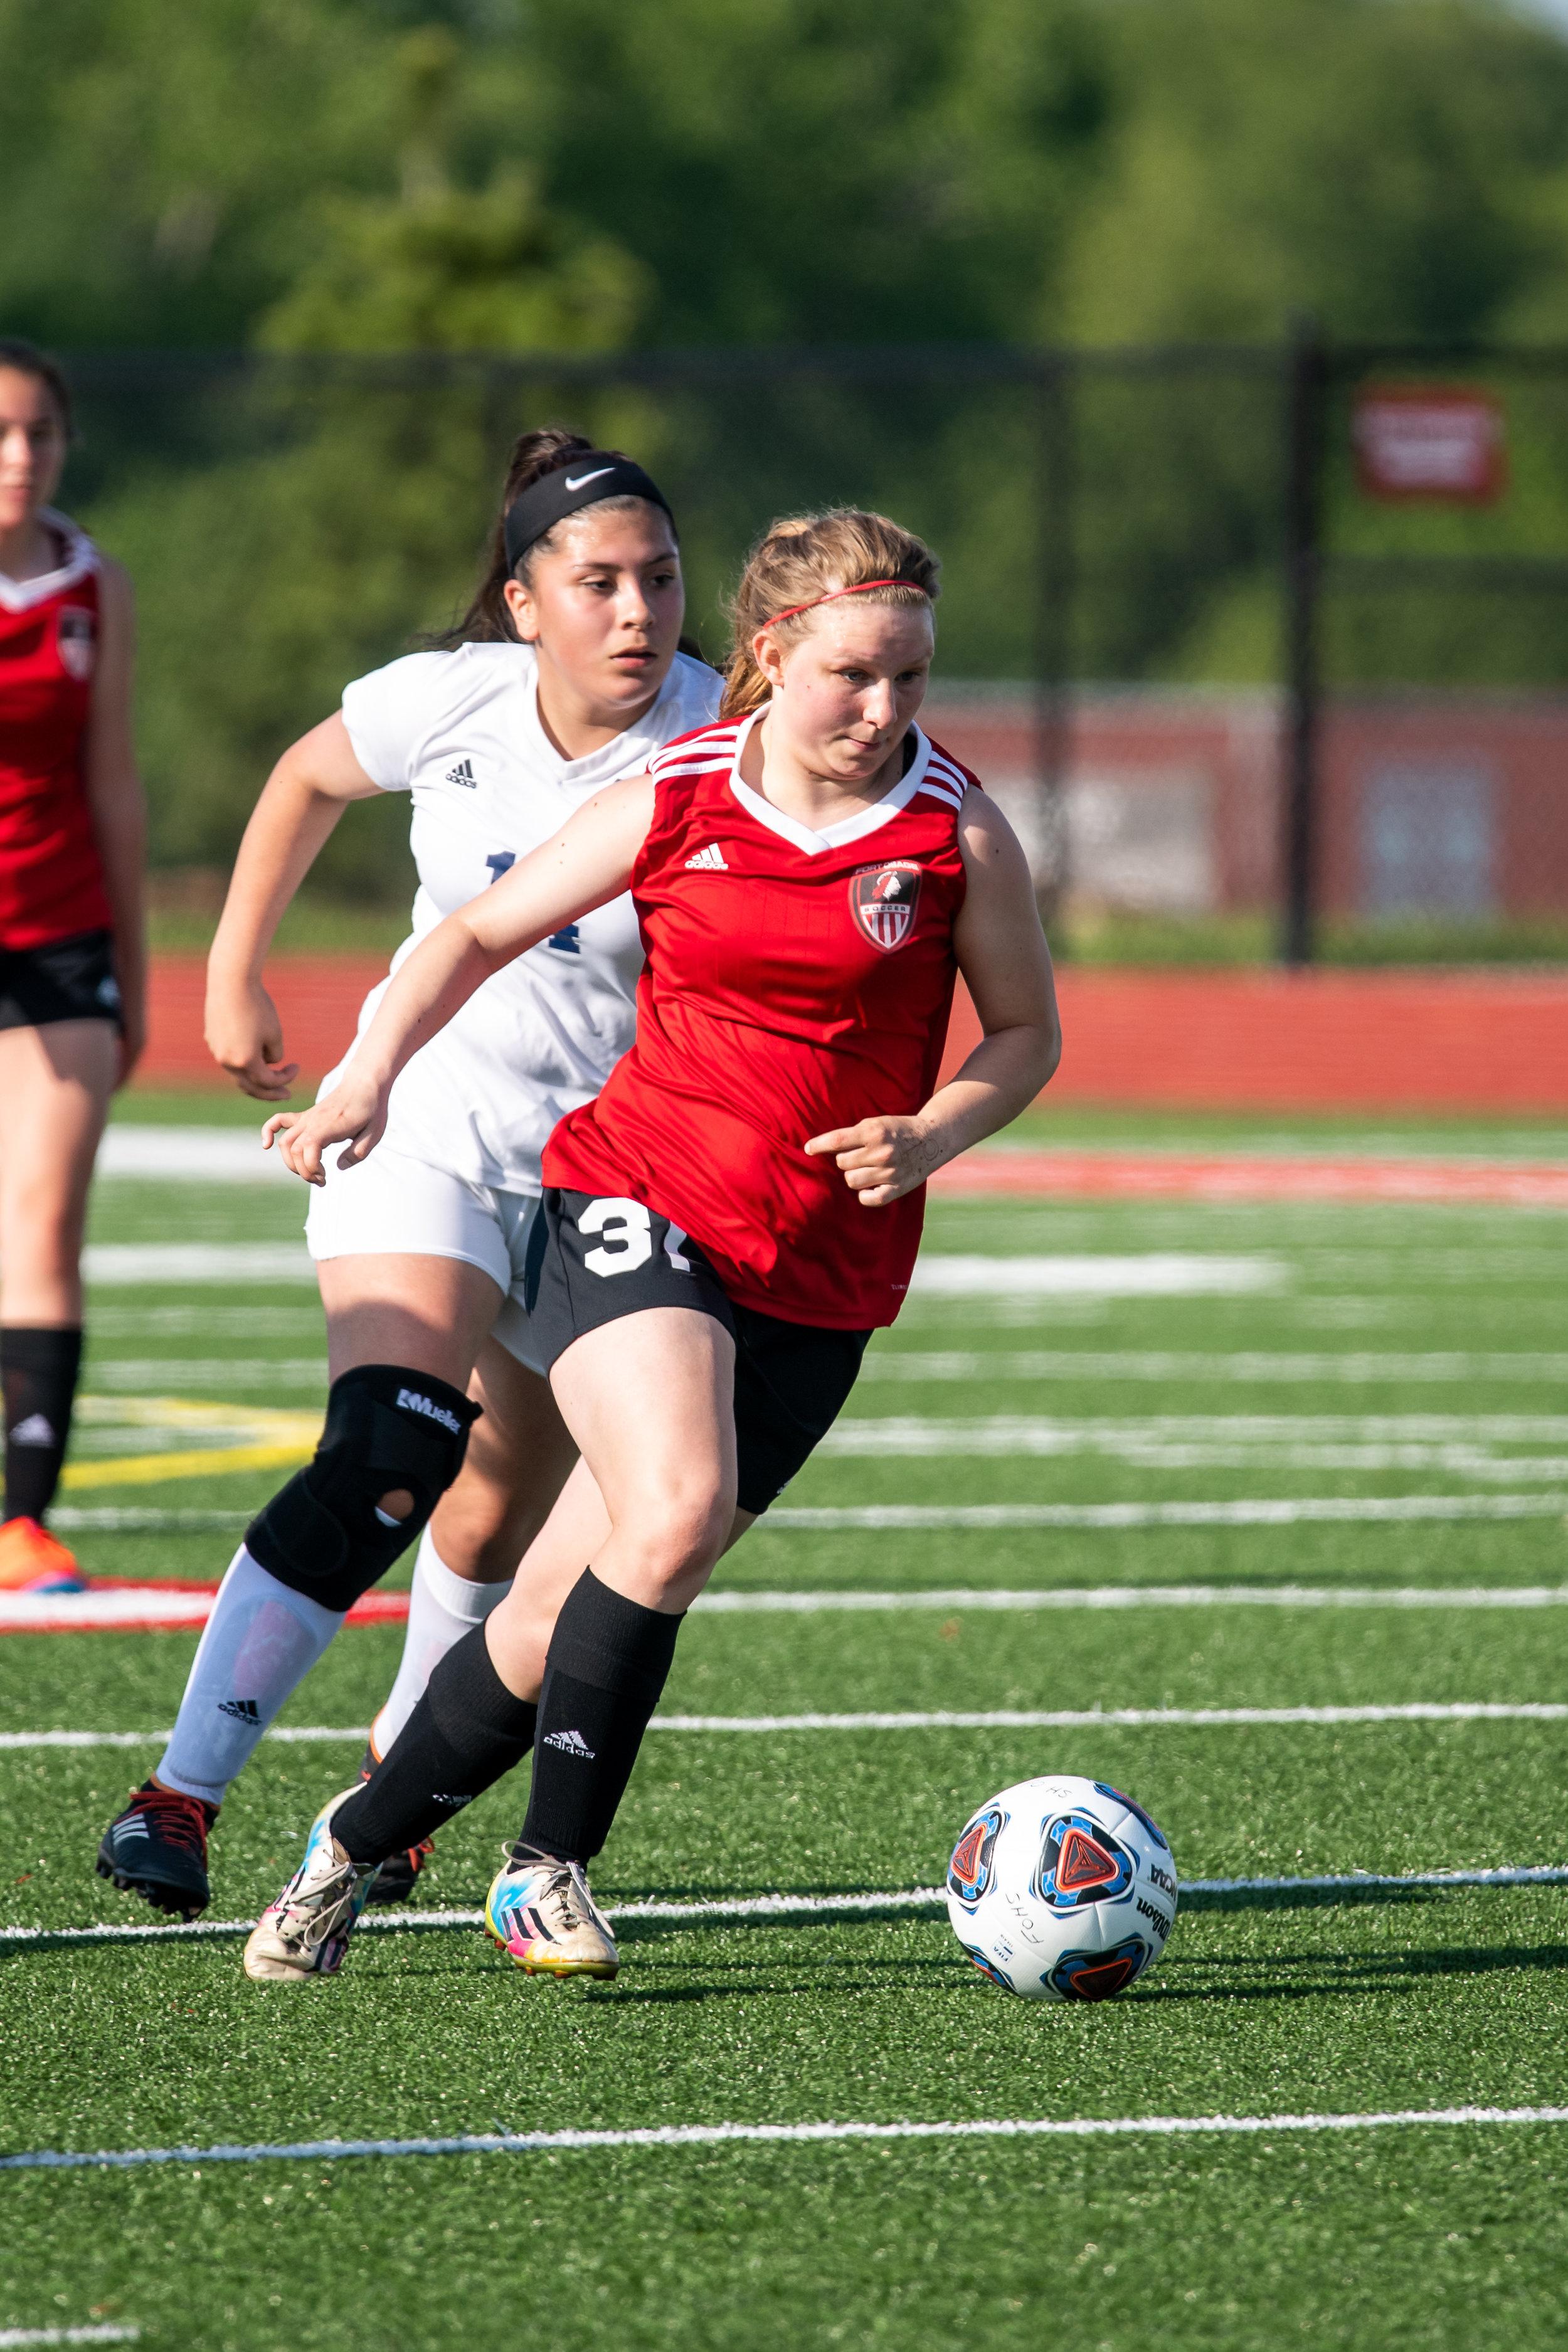 fort-osage-girls-soccer-vs-truman_40888187143_o.jpg